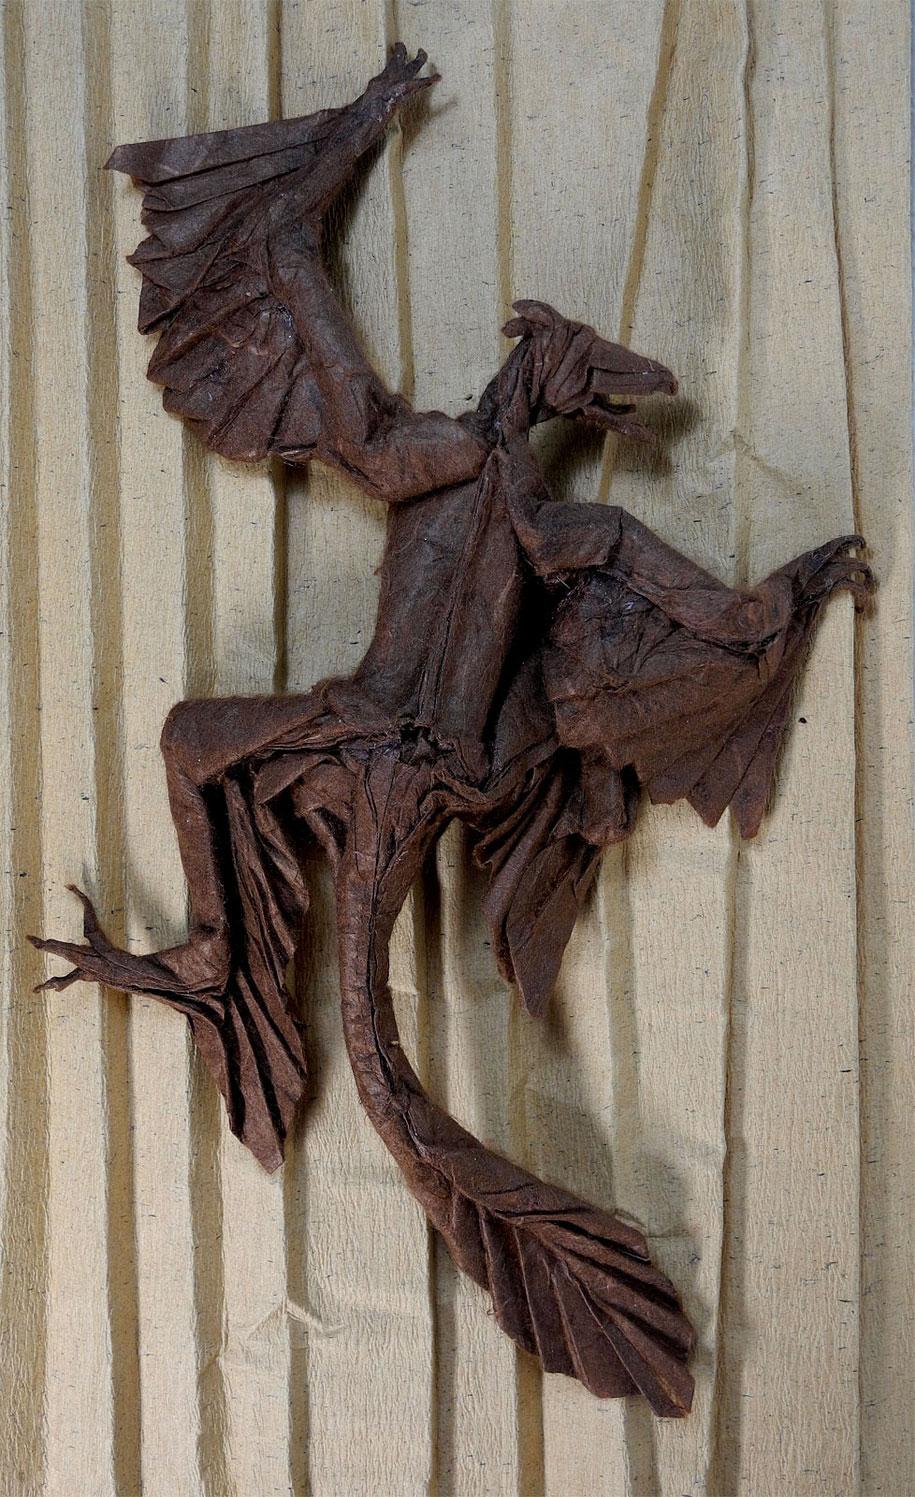 paper-craft-origami-dinosaurs-dragon-adam-tran-trung-hieu-13